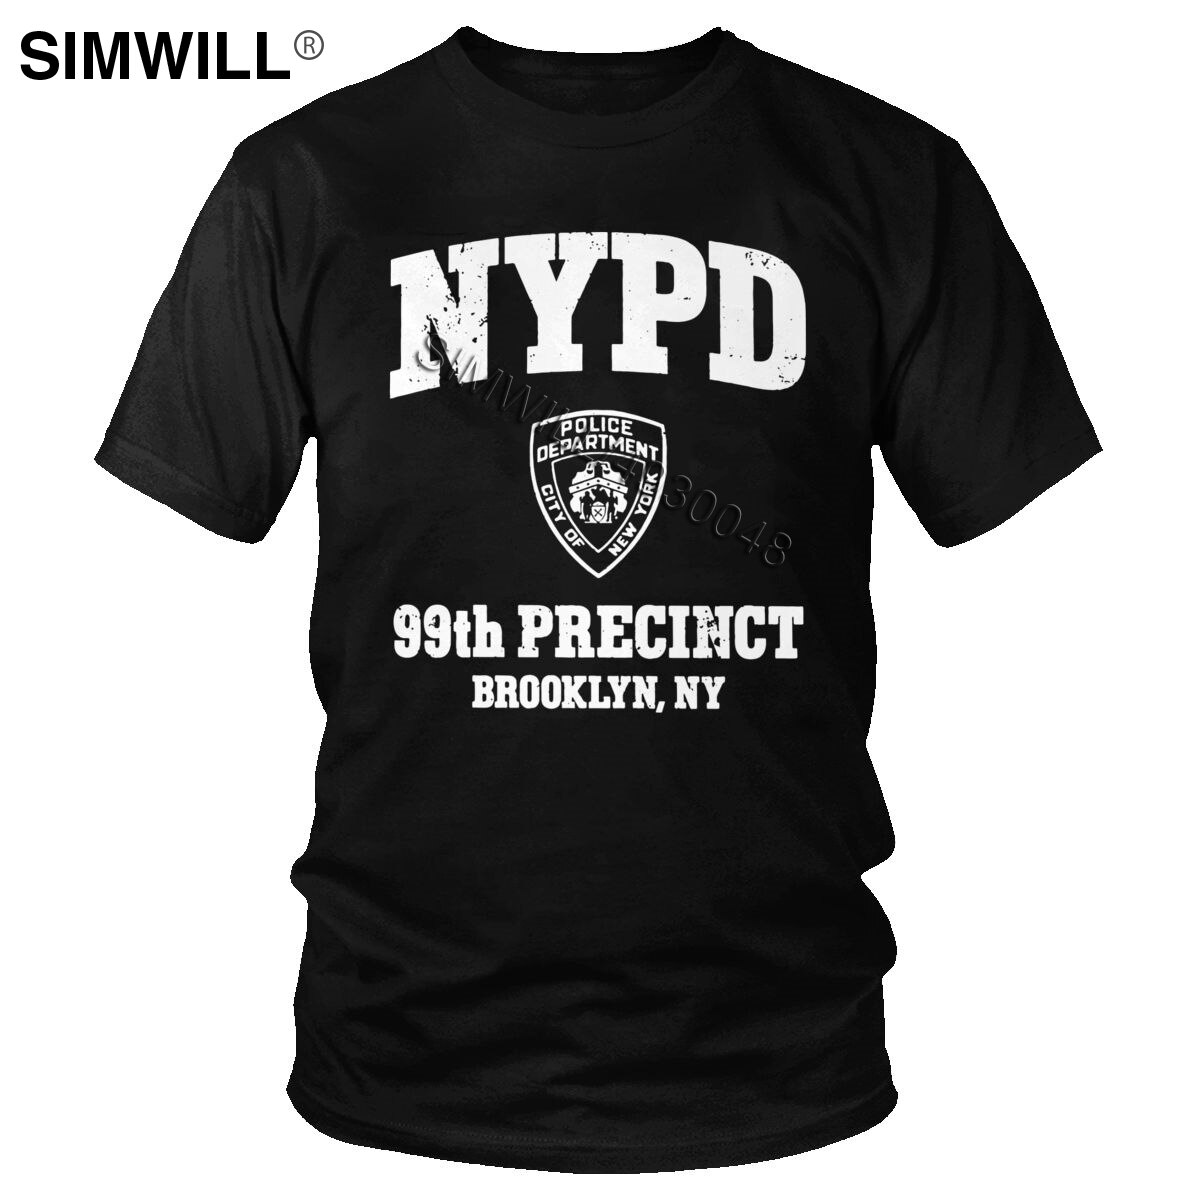 Camiseta Retro Brooklyn Nine para hombre de algodón ecológico 99th precinto Brooklyn NY 99 Camiseta de manga corta Slim Fit TV Merch Tee Tops